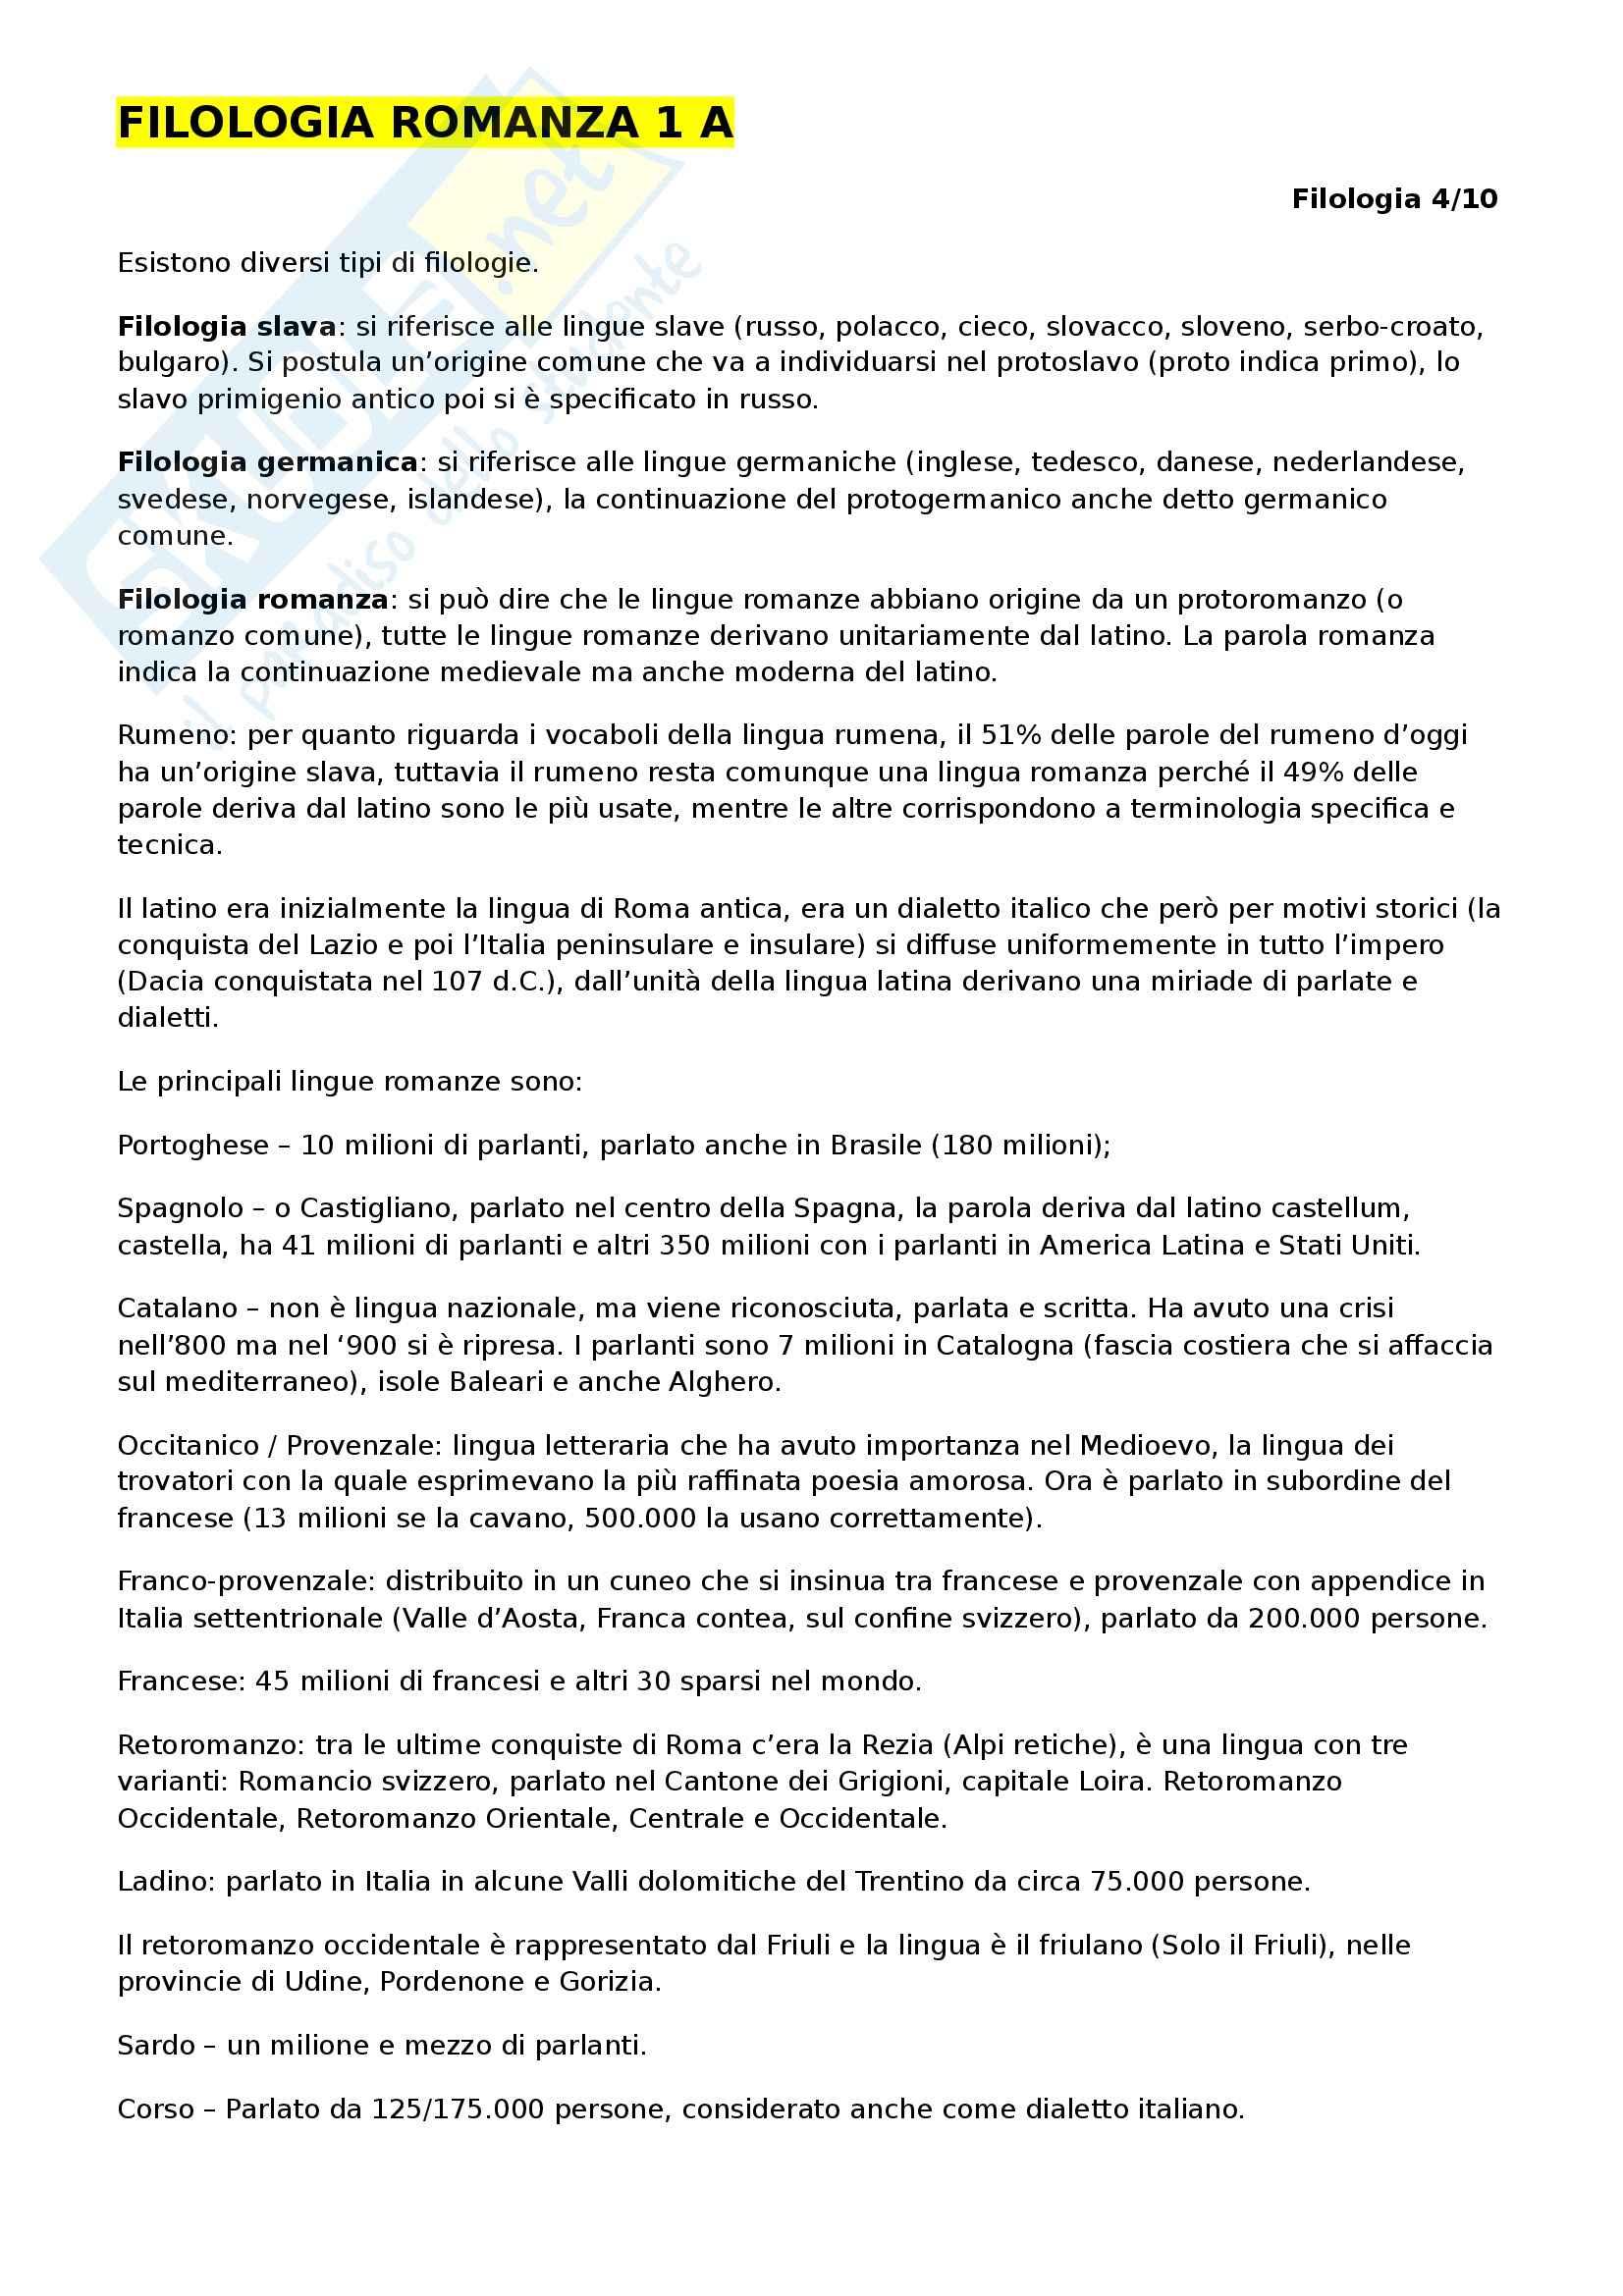 Filologia Romanza - Appunti